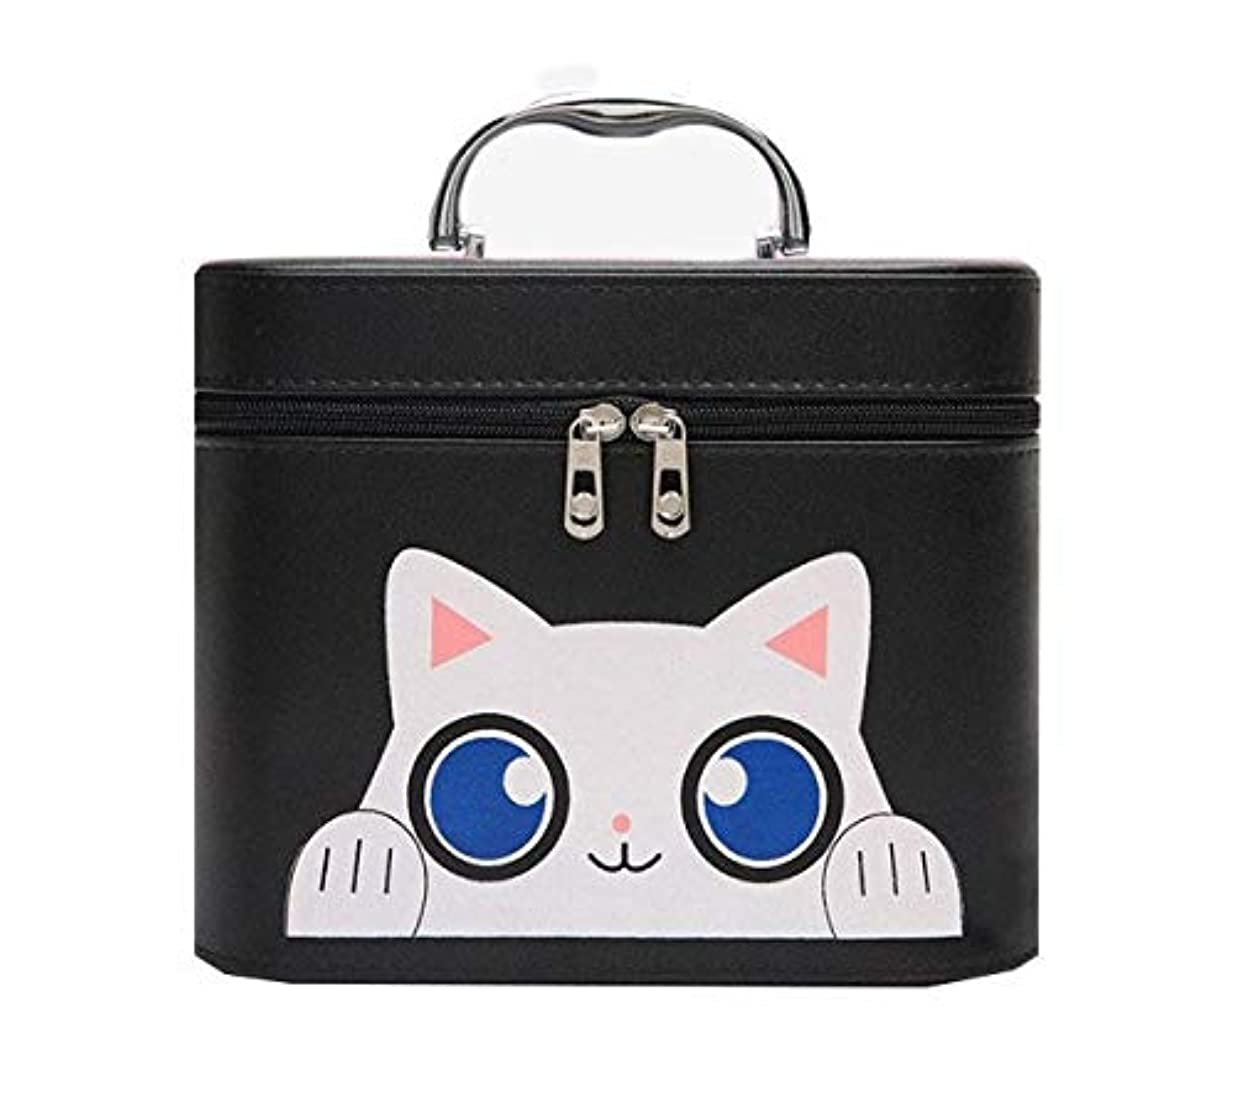 化粧箱、黒漫画猫化粧品ケース、ポータブル旅行化粧品ケース、美容ネイルジュエリー収納ボックス (Size : L)